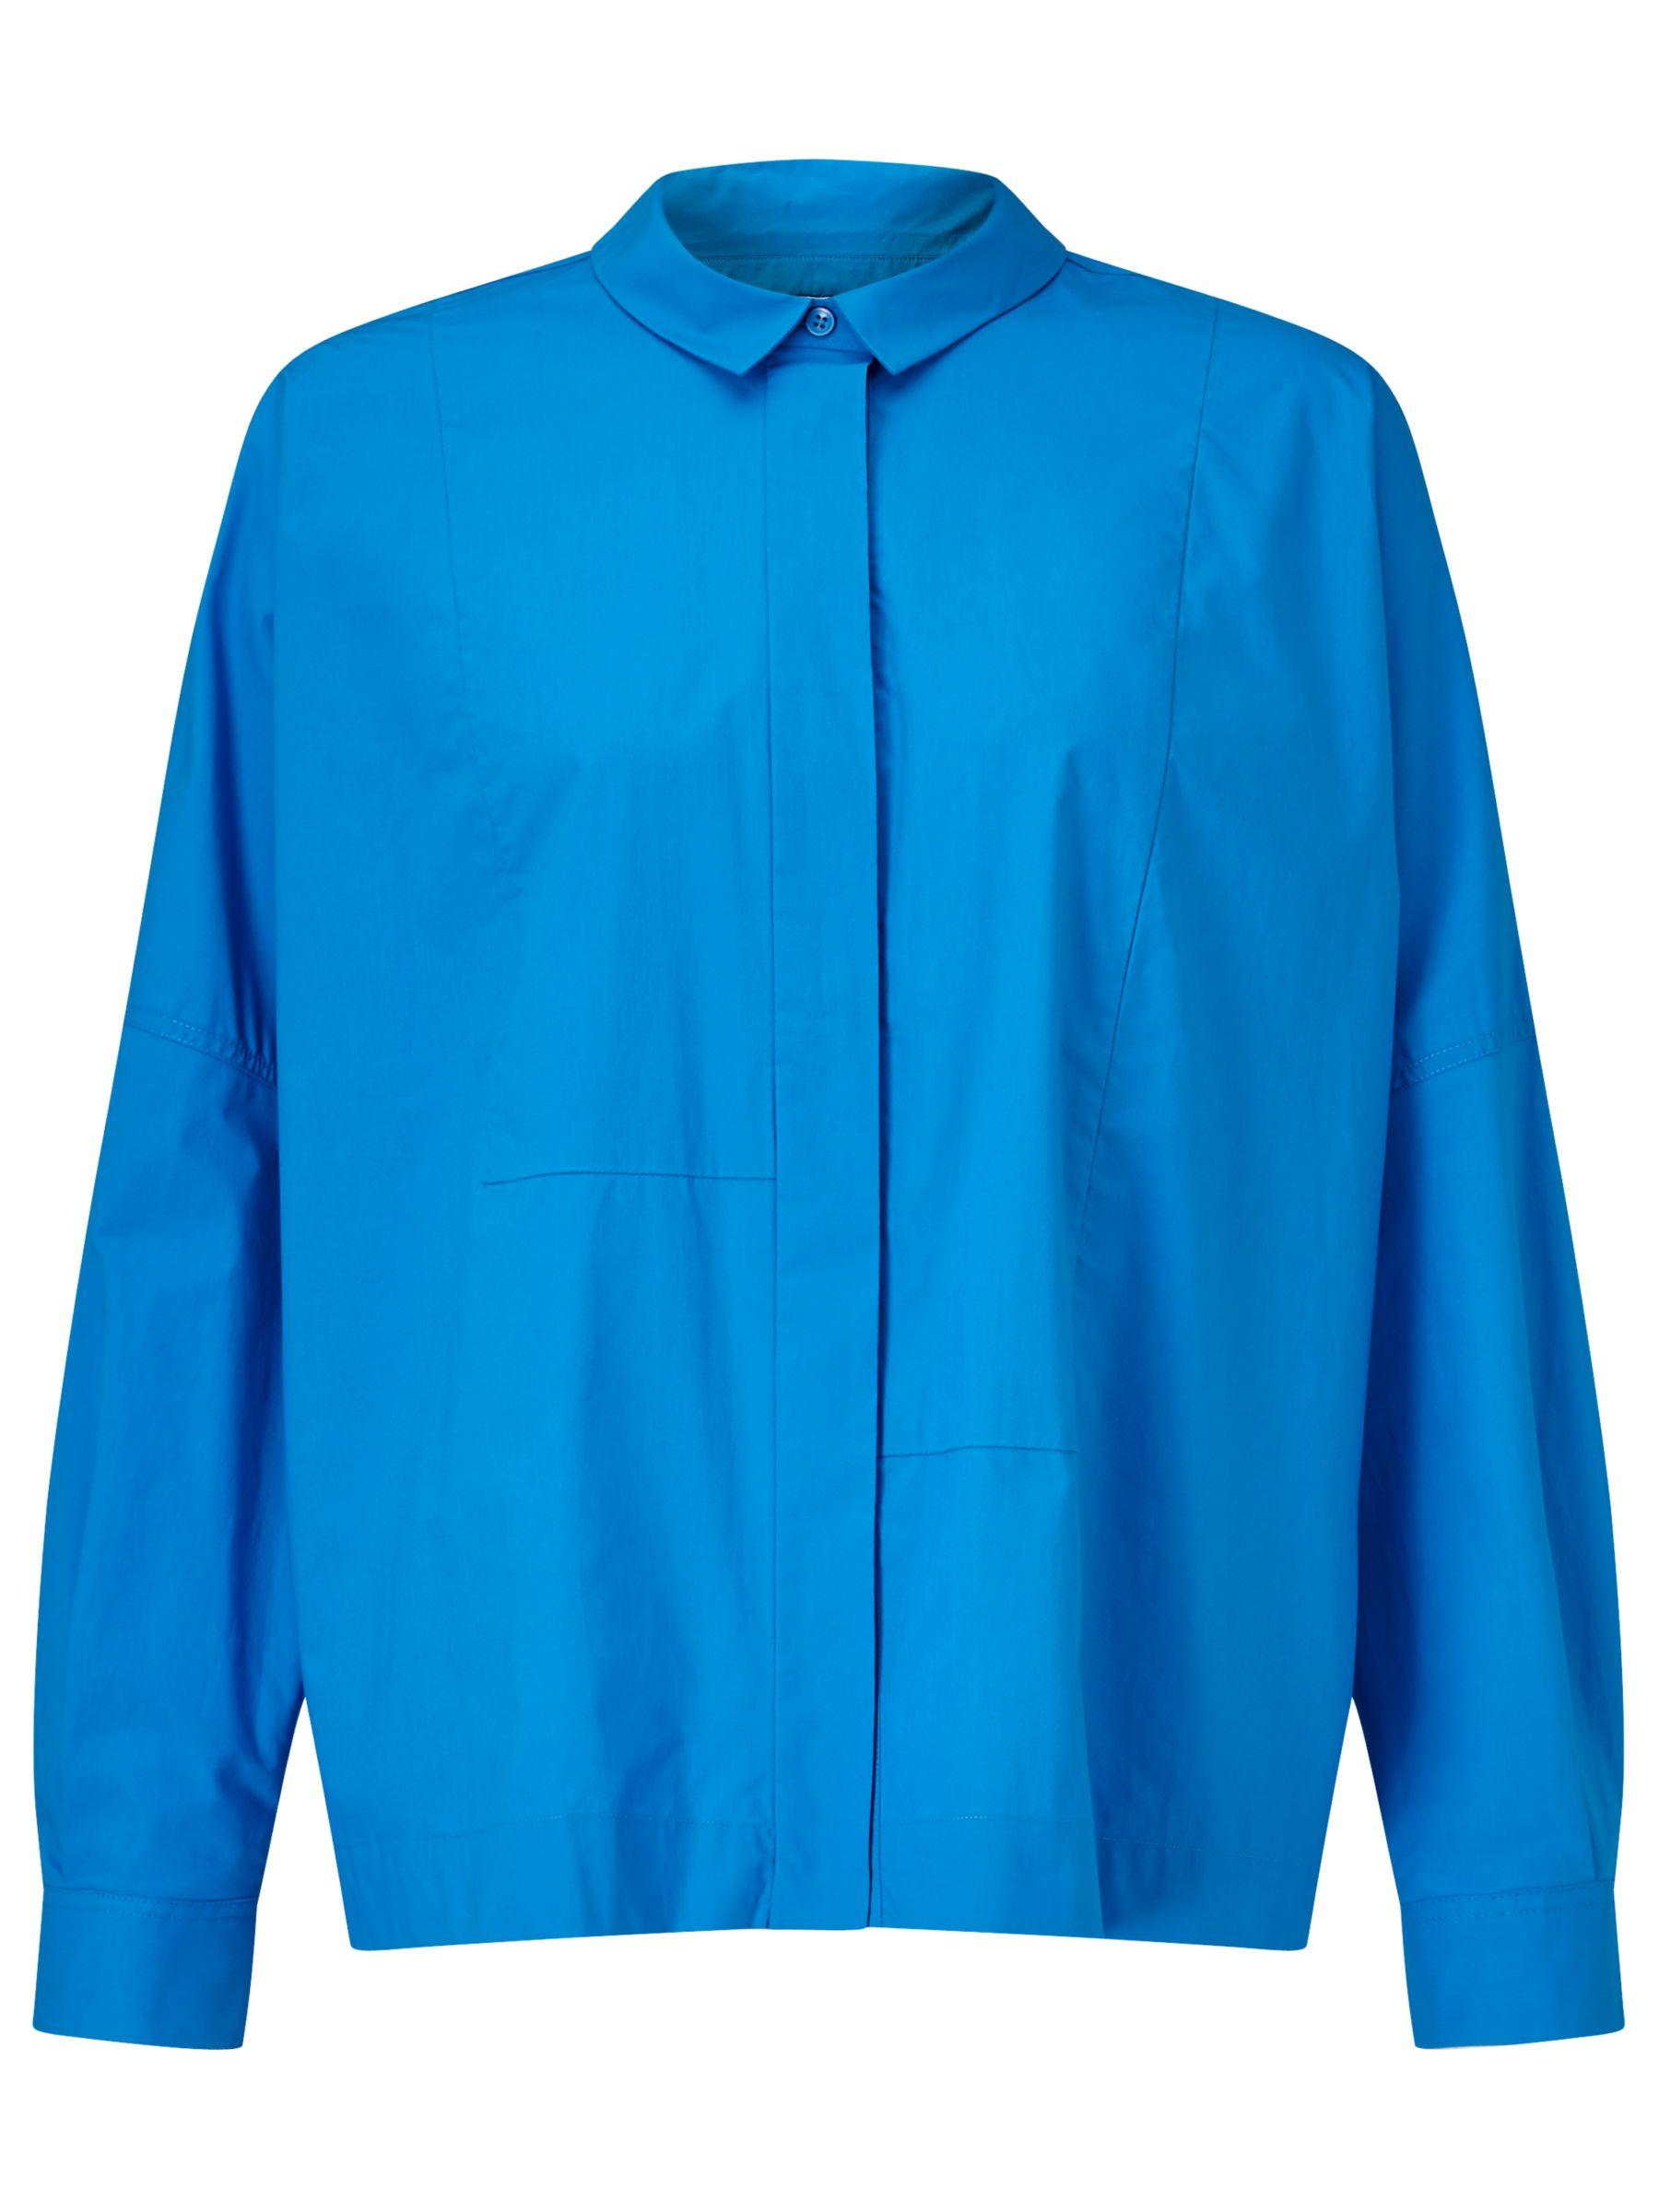 Kin by John Lewis Kin by John Lewis Poplin Oversized Shirt